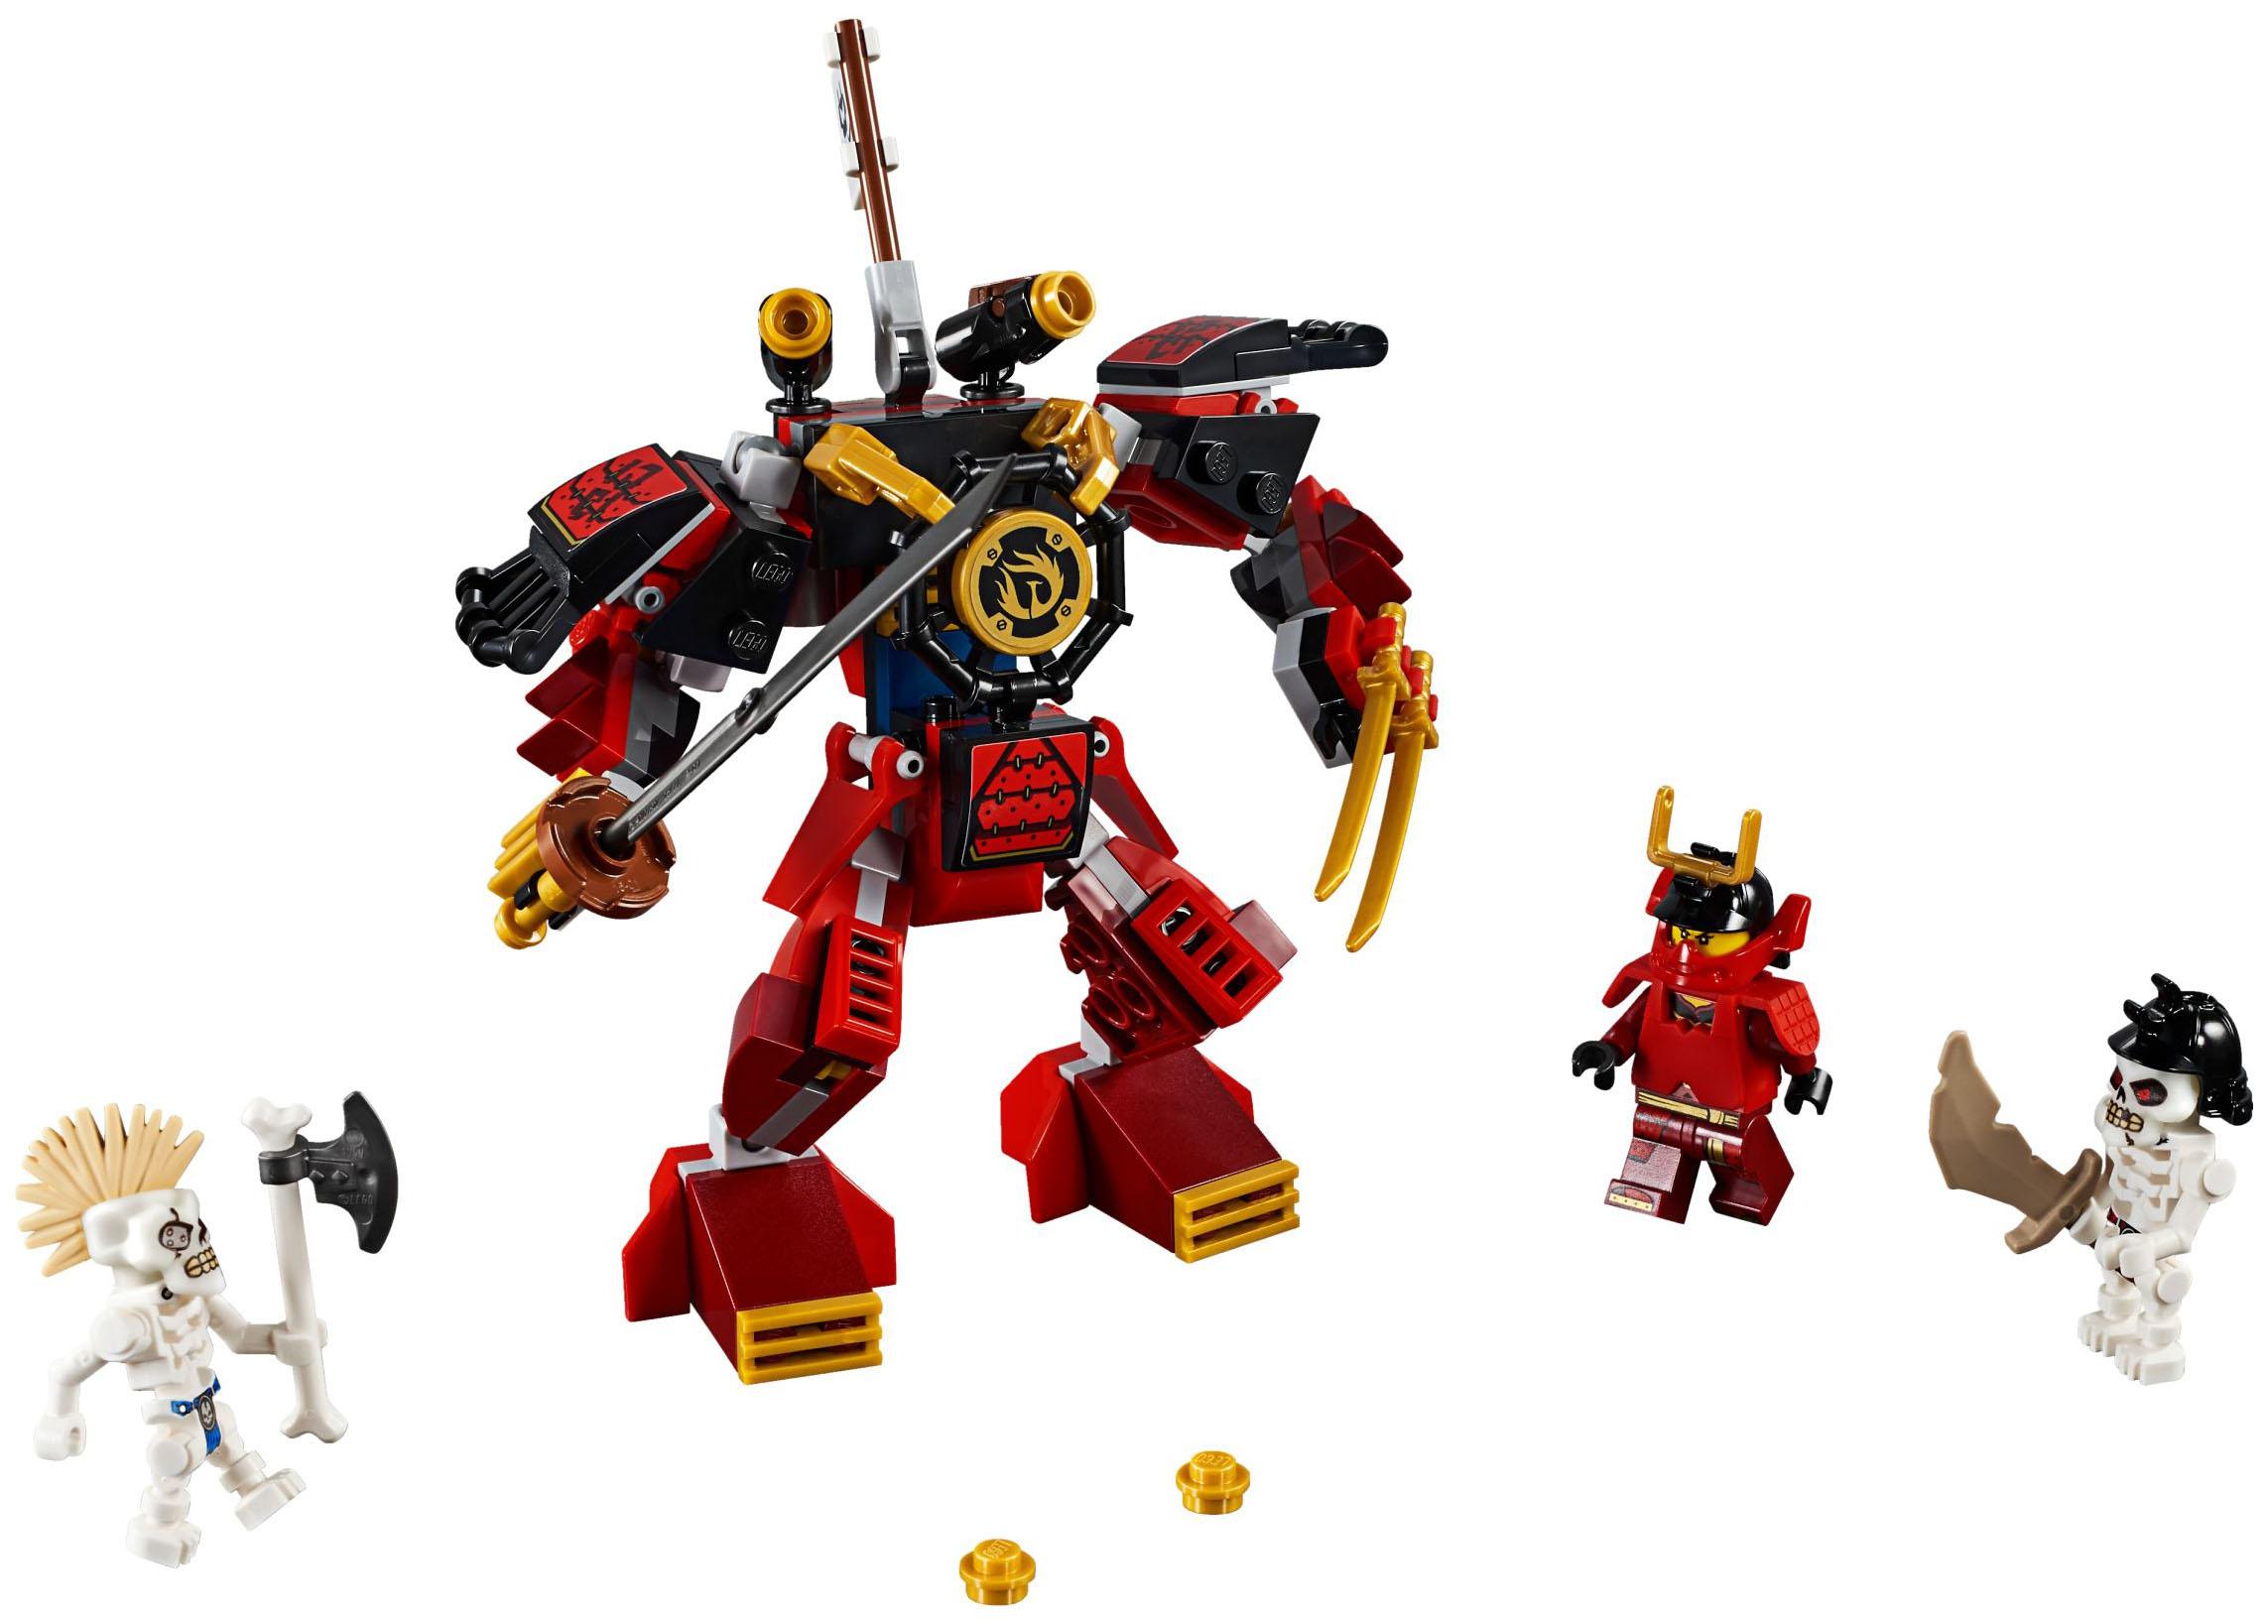 Конструктор LEGO Ninjago 70665 Робот самурай